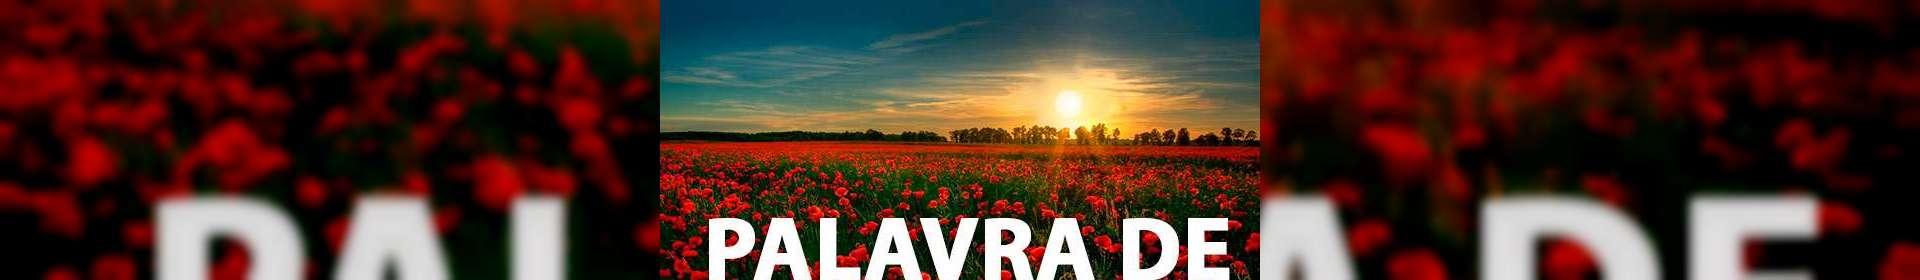 Salmos 46:1-5 - Uma Palavra de Esperança para sua vida